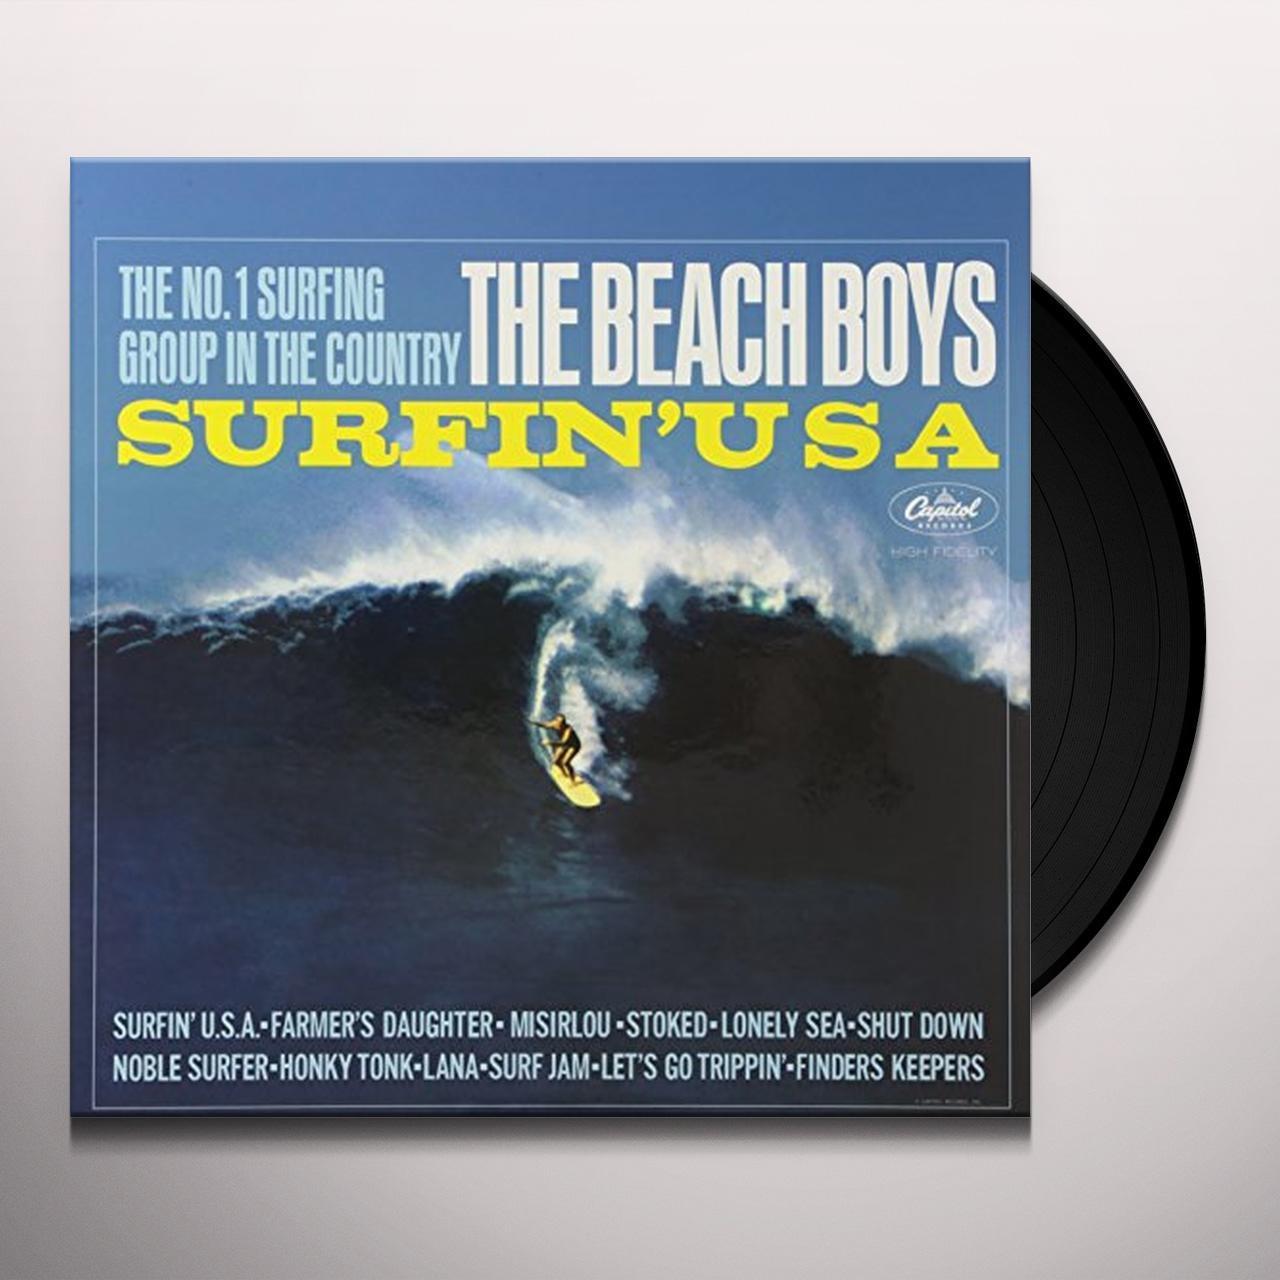 The Beach Boys Surfin Usa Vinyl Record